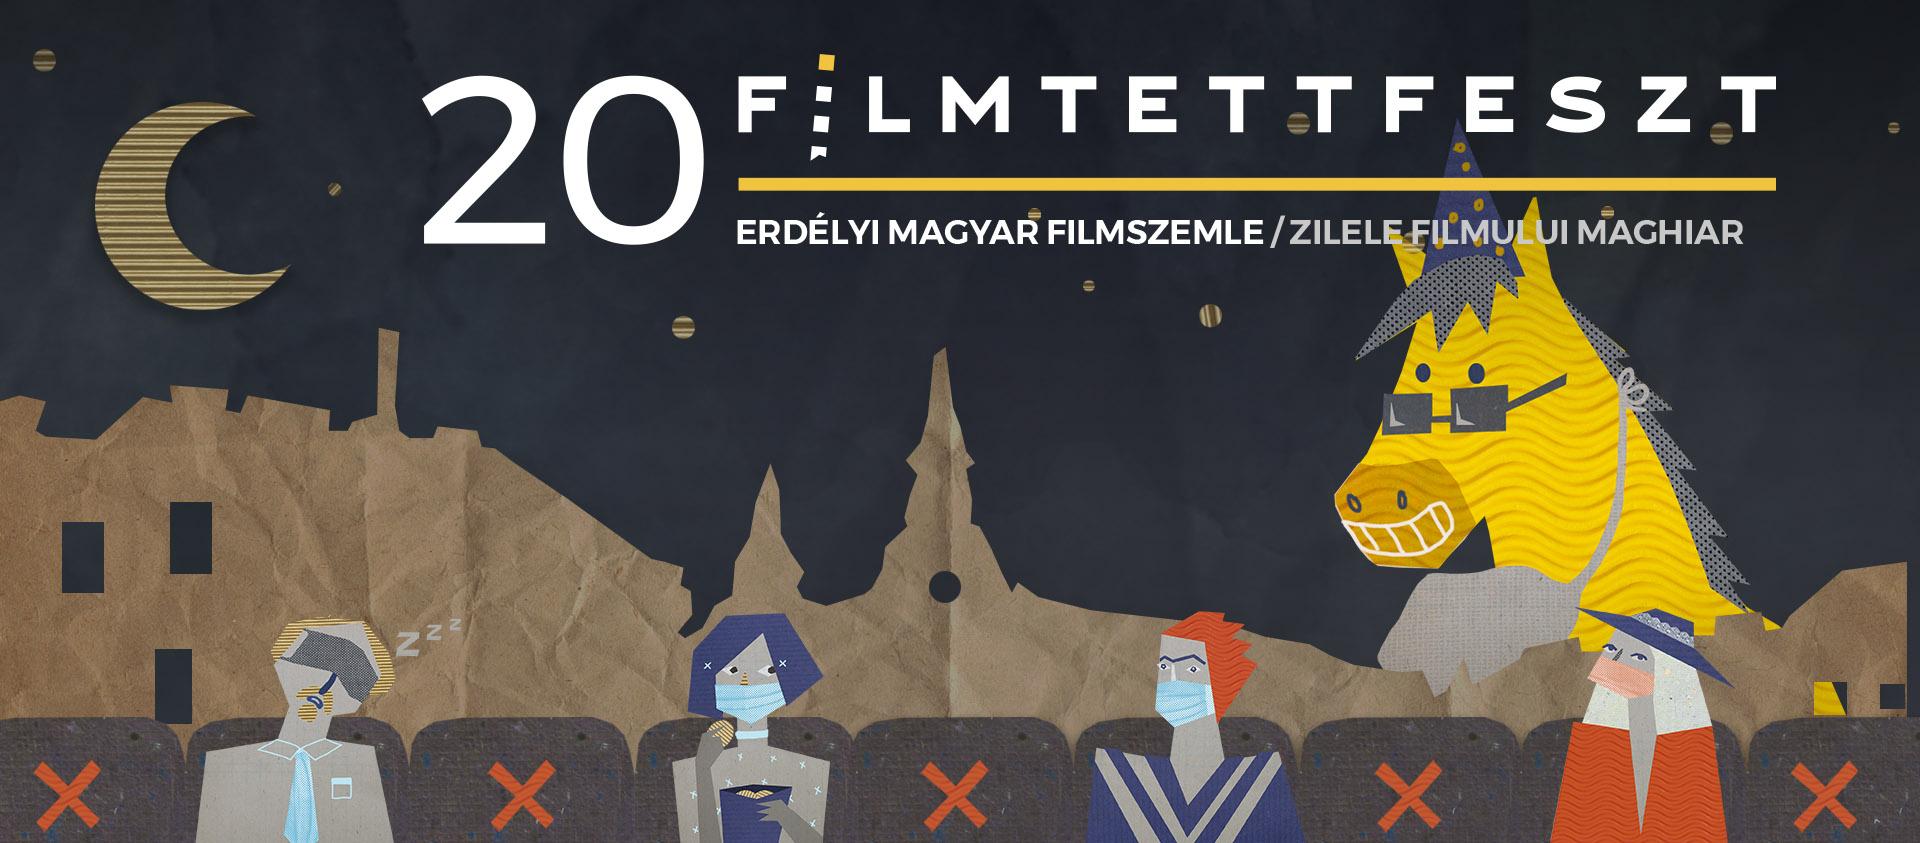 Ismét Filmtettfeszt Nagyváradon